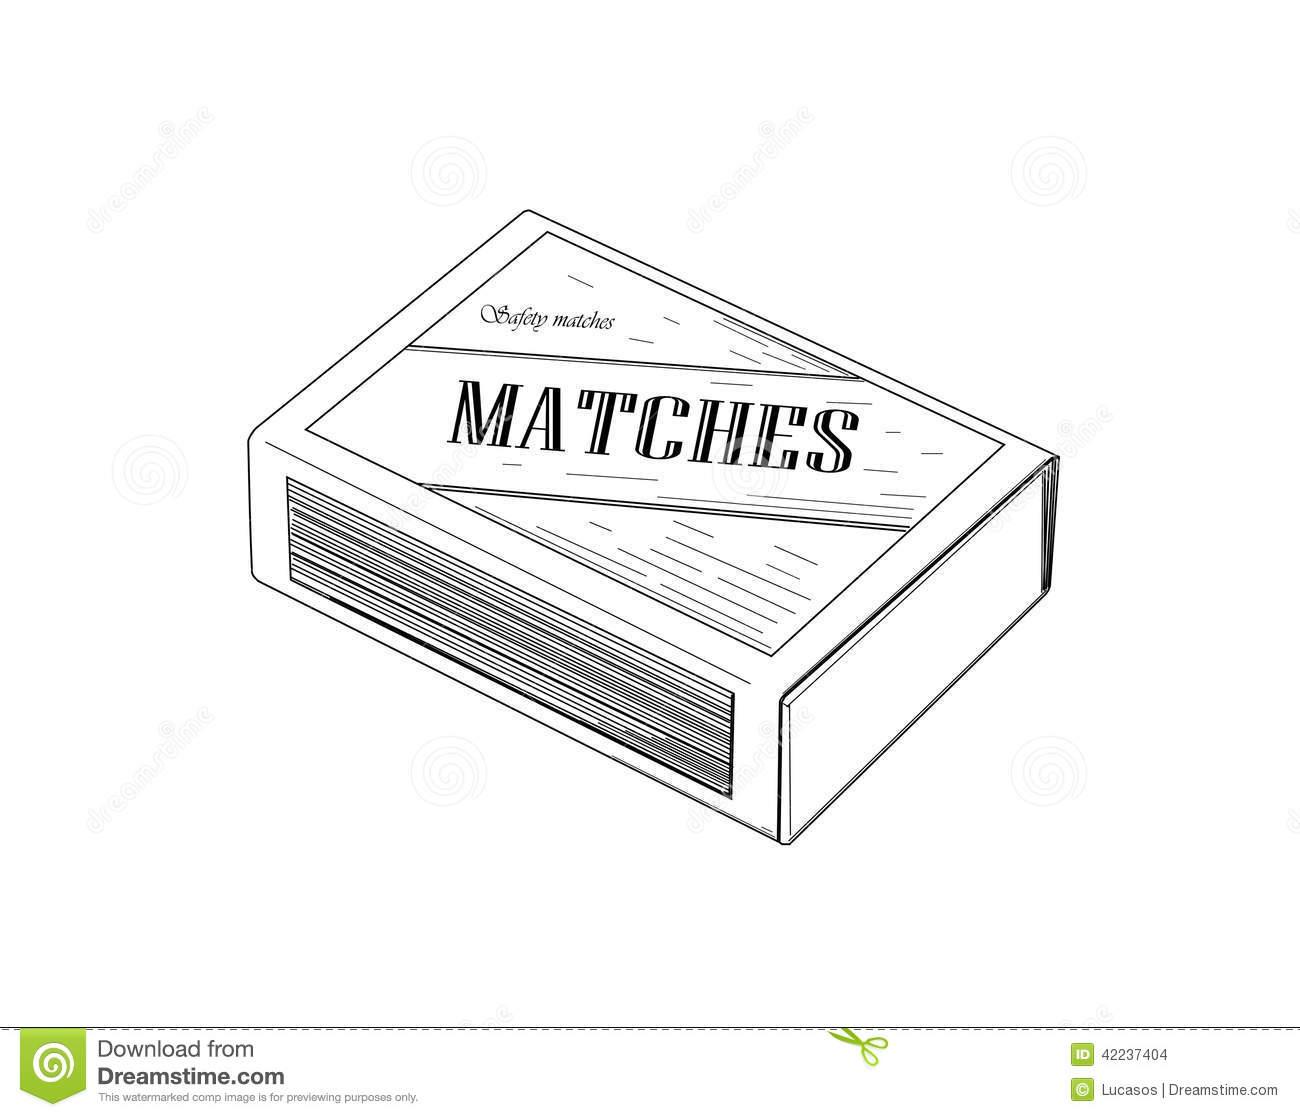 Matchbox.